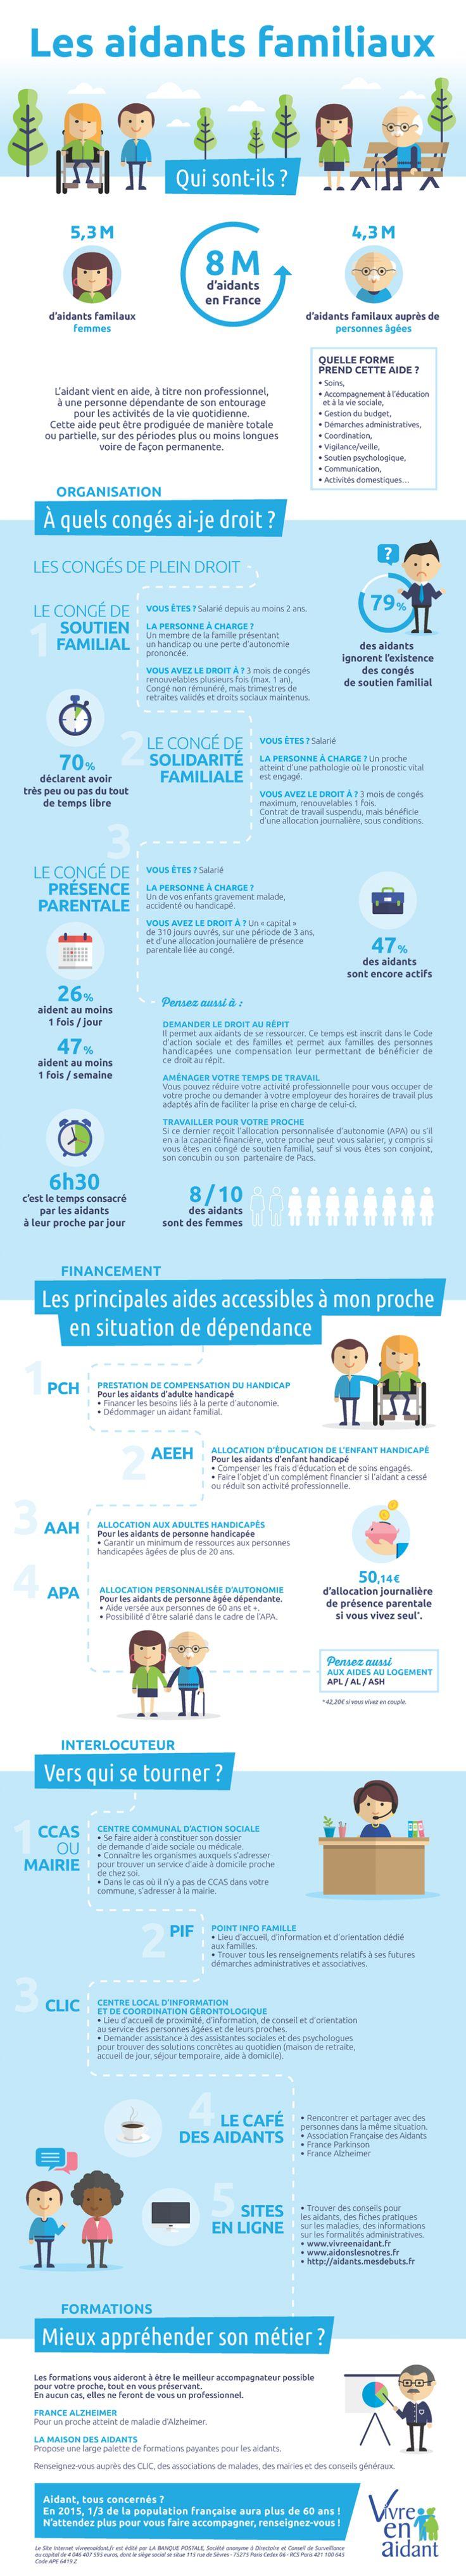 Infographie : à la découverte des aidants familiaux